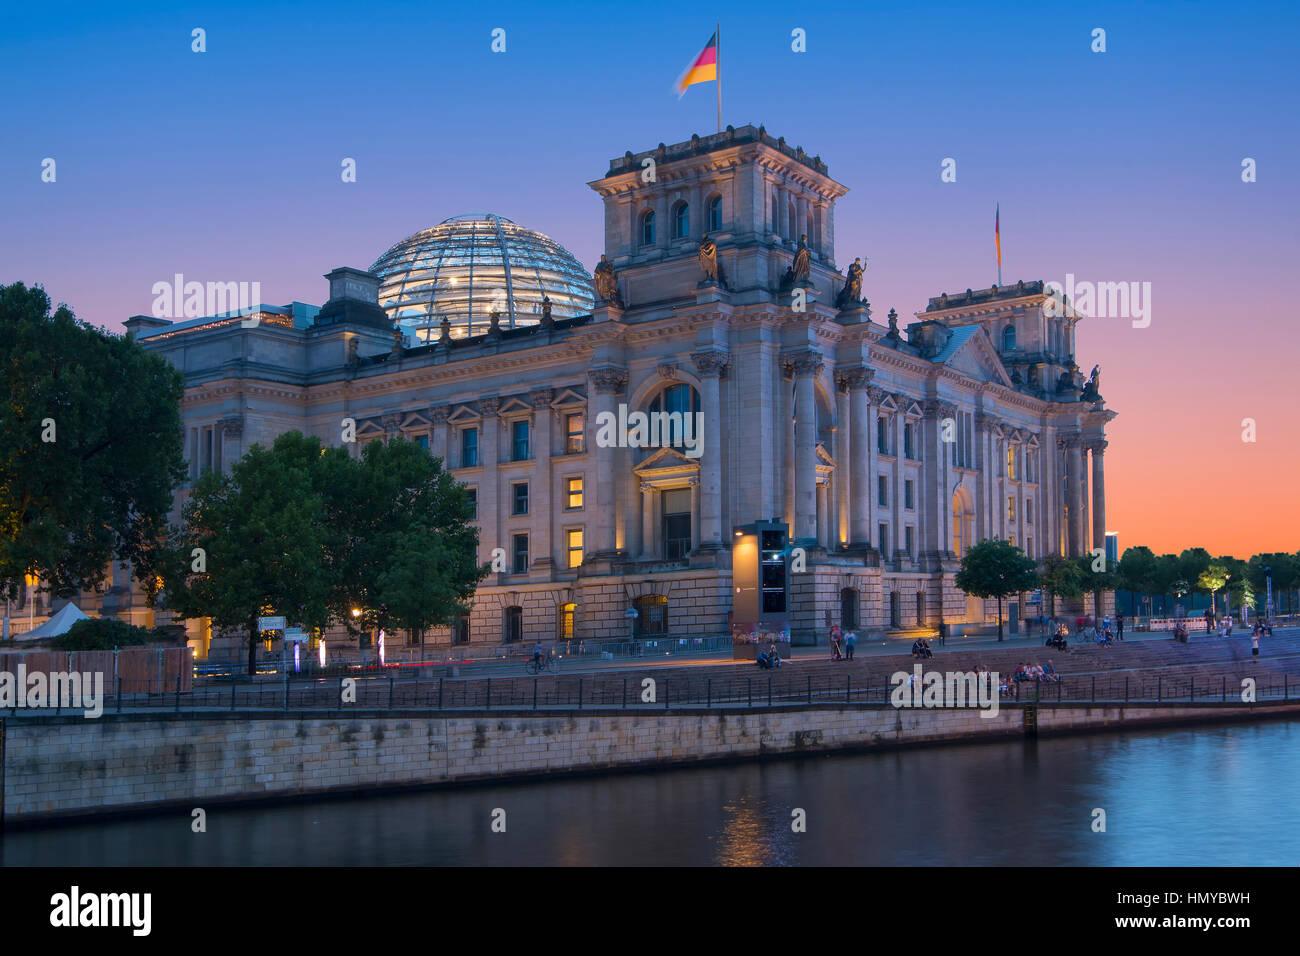 Das Reichstagsgebäude und der Spree entlang in Berlin Stockbild